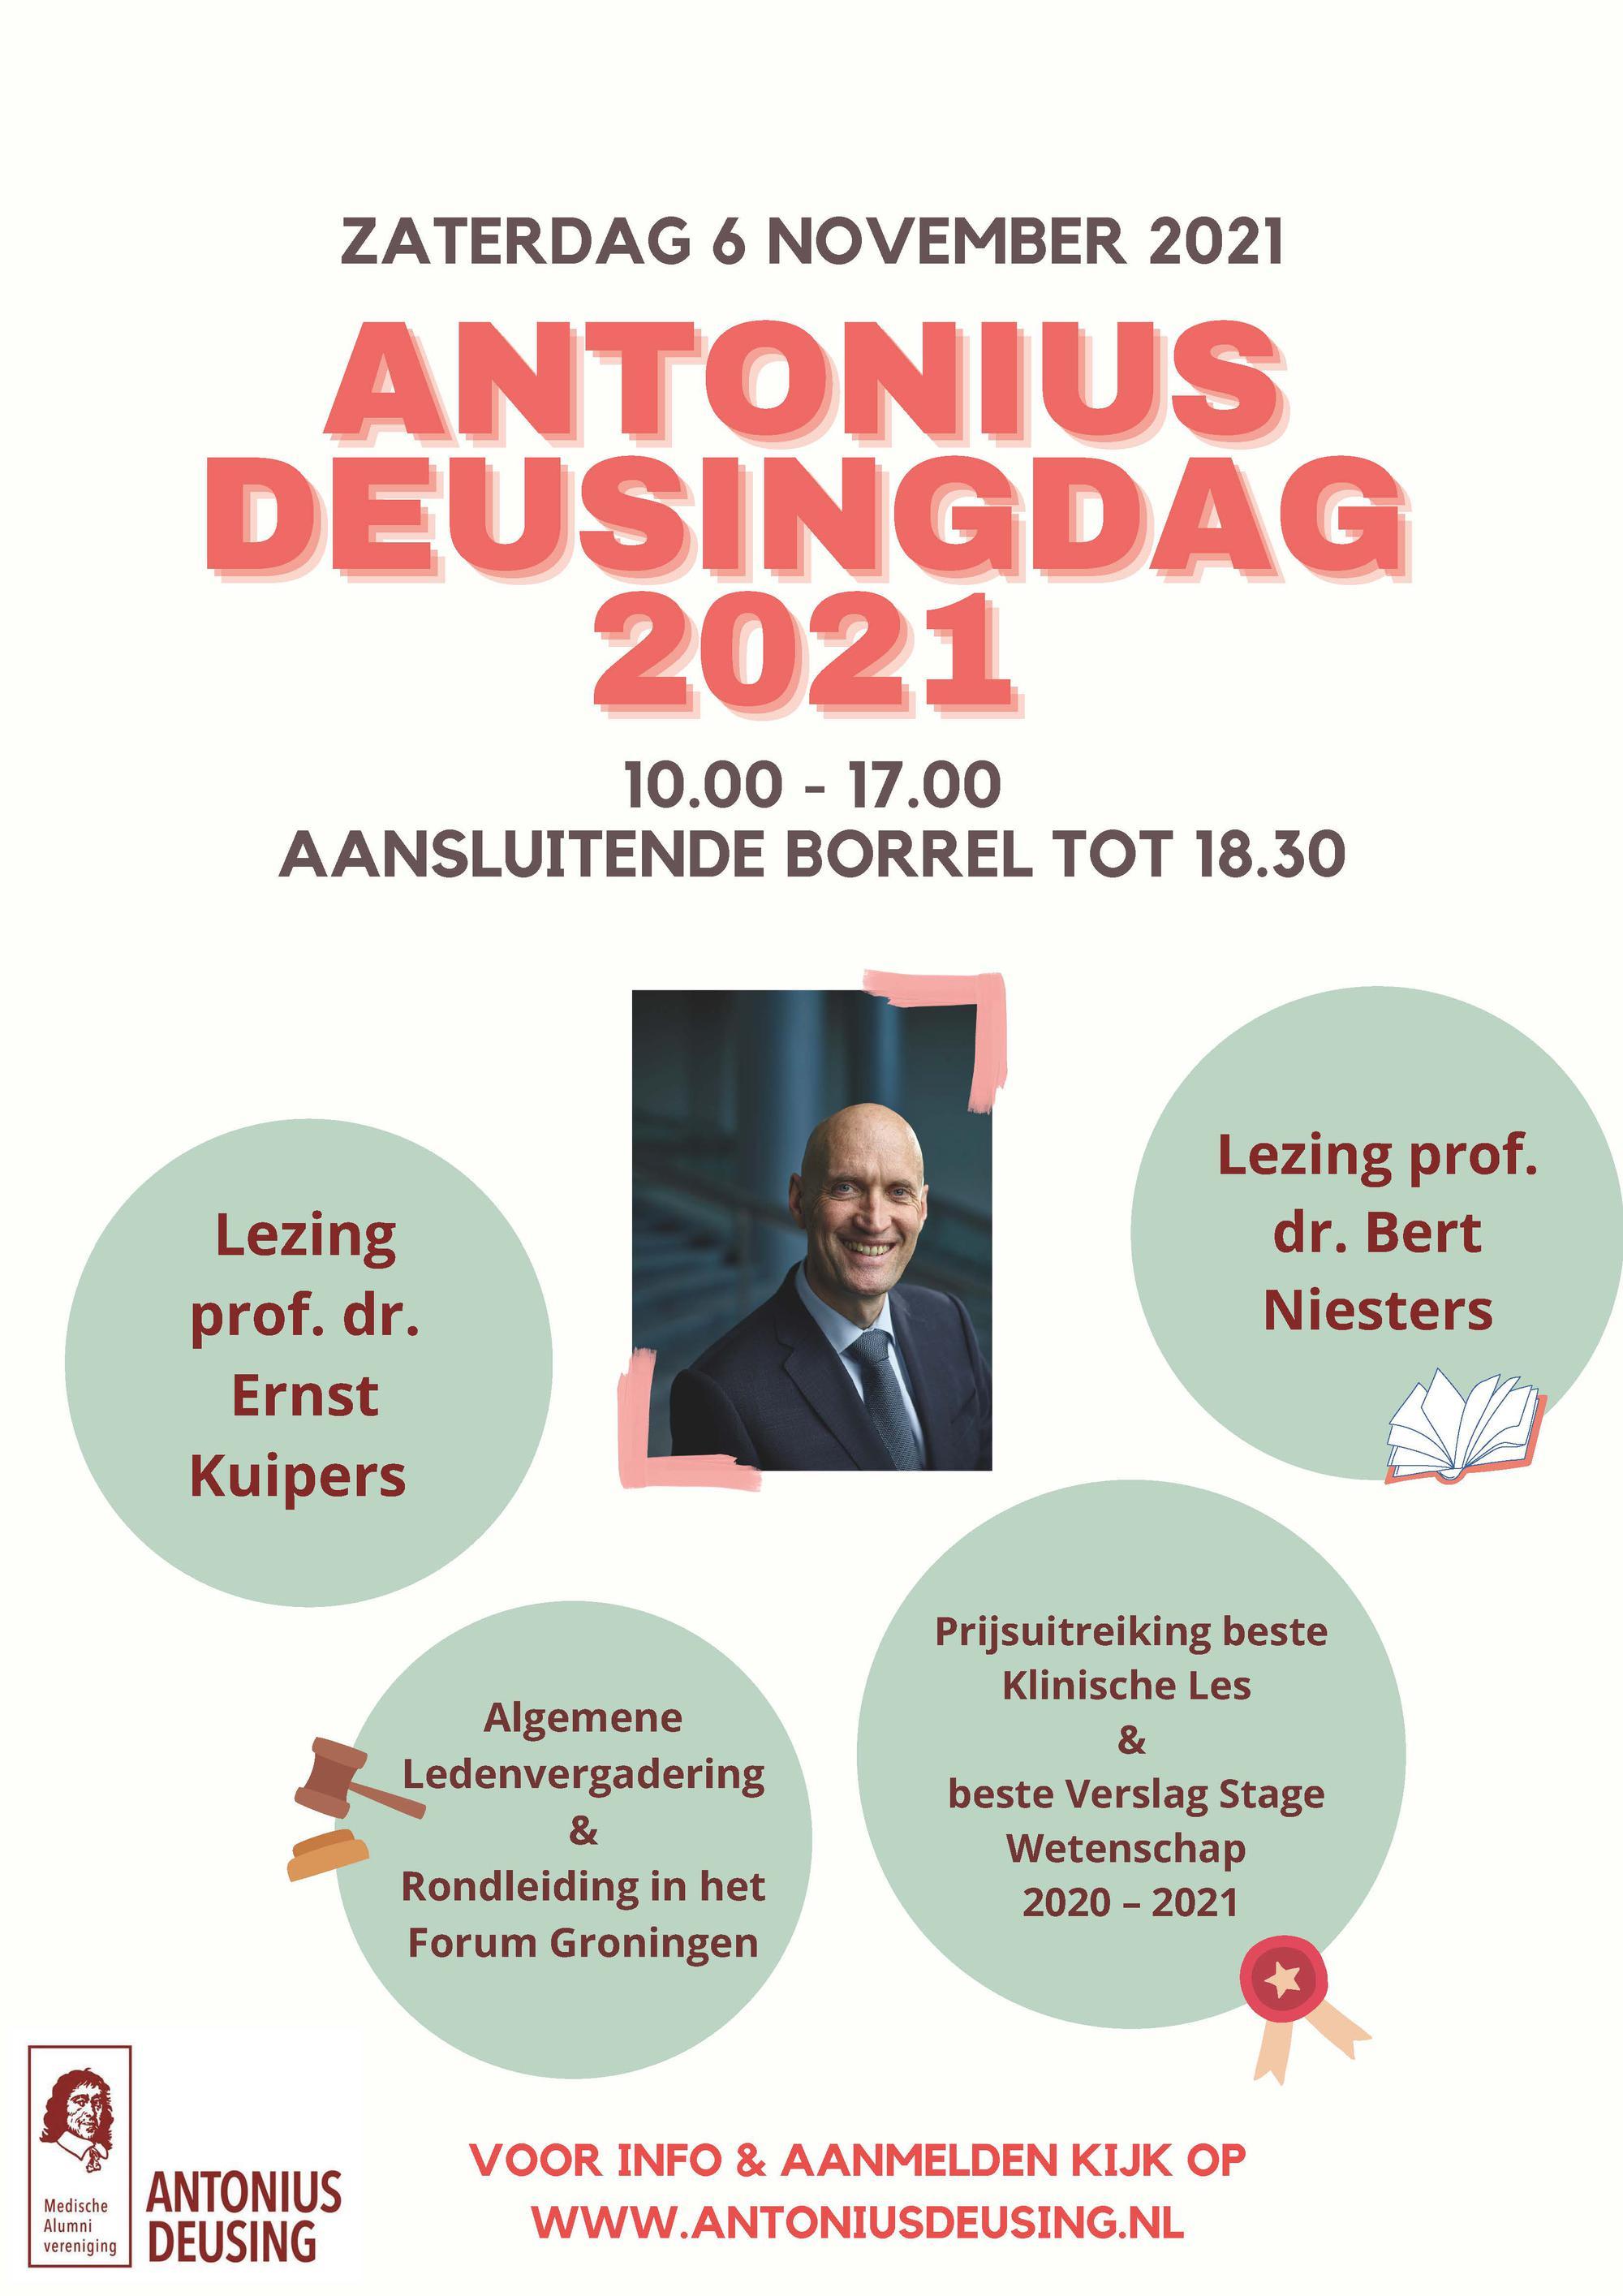 Antonius Deusingdag 2021